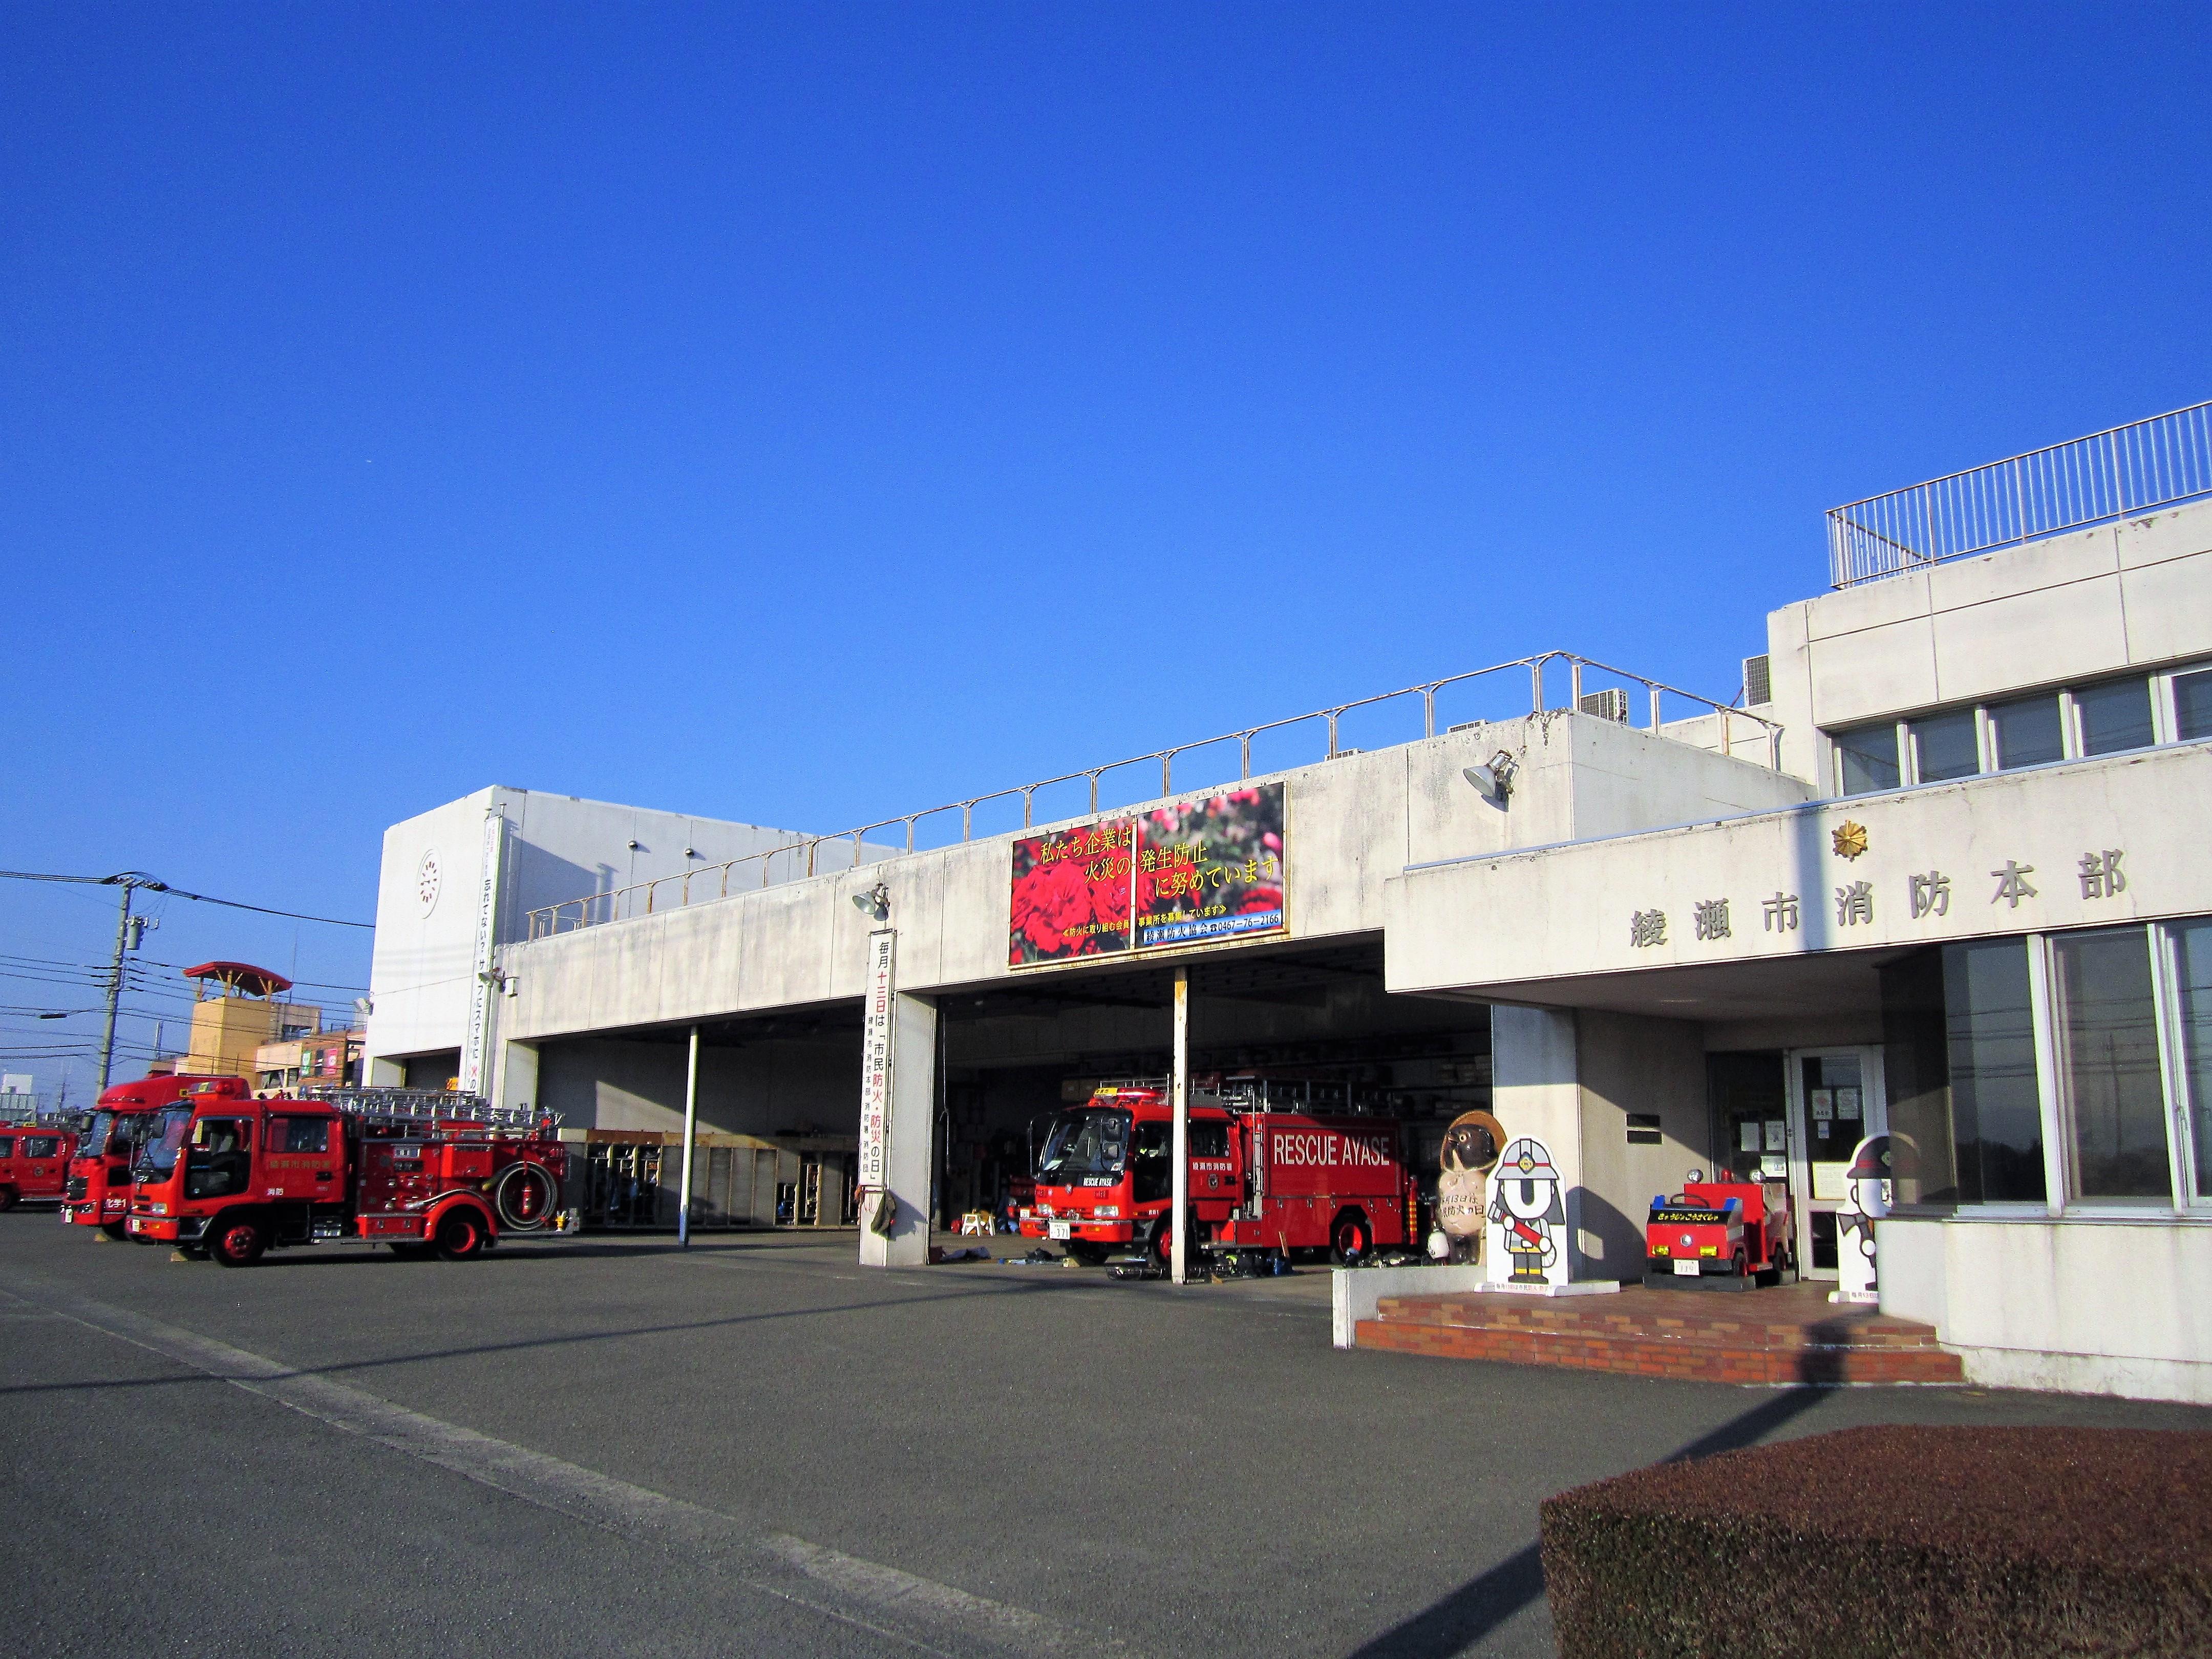 綾瀬市消防本部 - Wikipedia